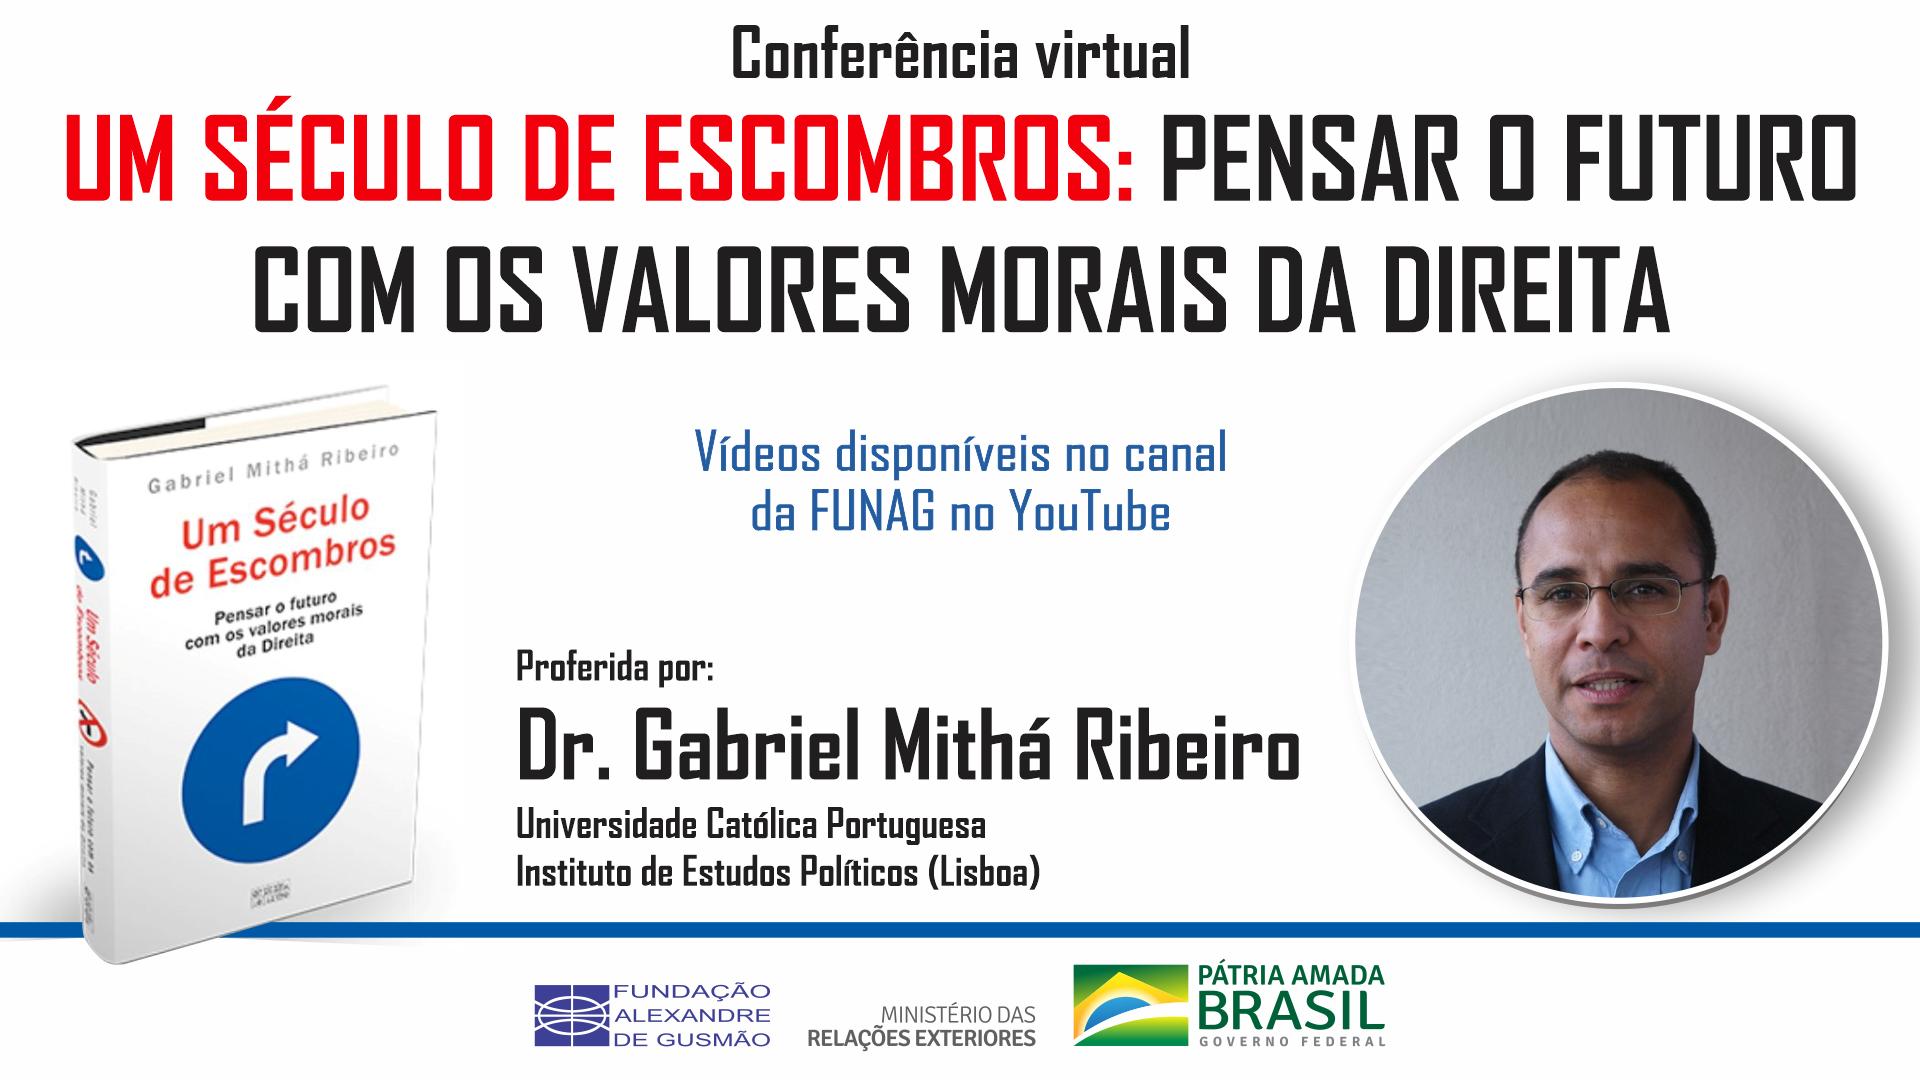 """Assista aos vídeos da conferência """"Um século de escombros: pensar o futuro com os valores morais da direita"""""""